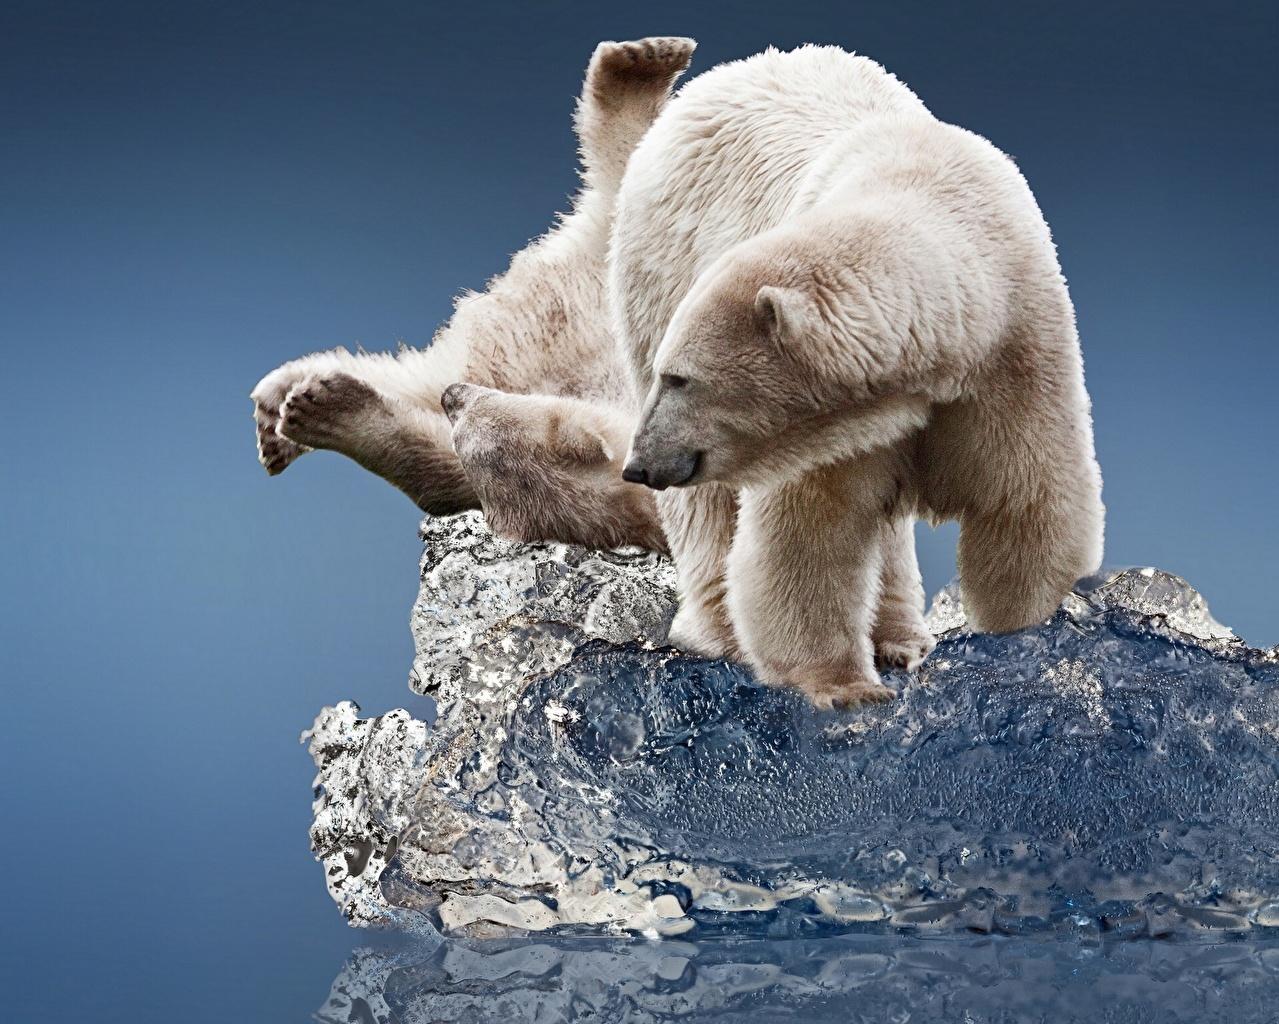 Картинка Белые Медведи Медведи Лед два Животные полярный северный медведь льда 2 две Двое вдвоем животное